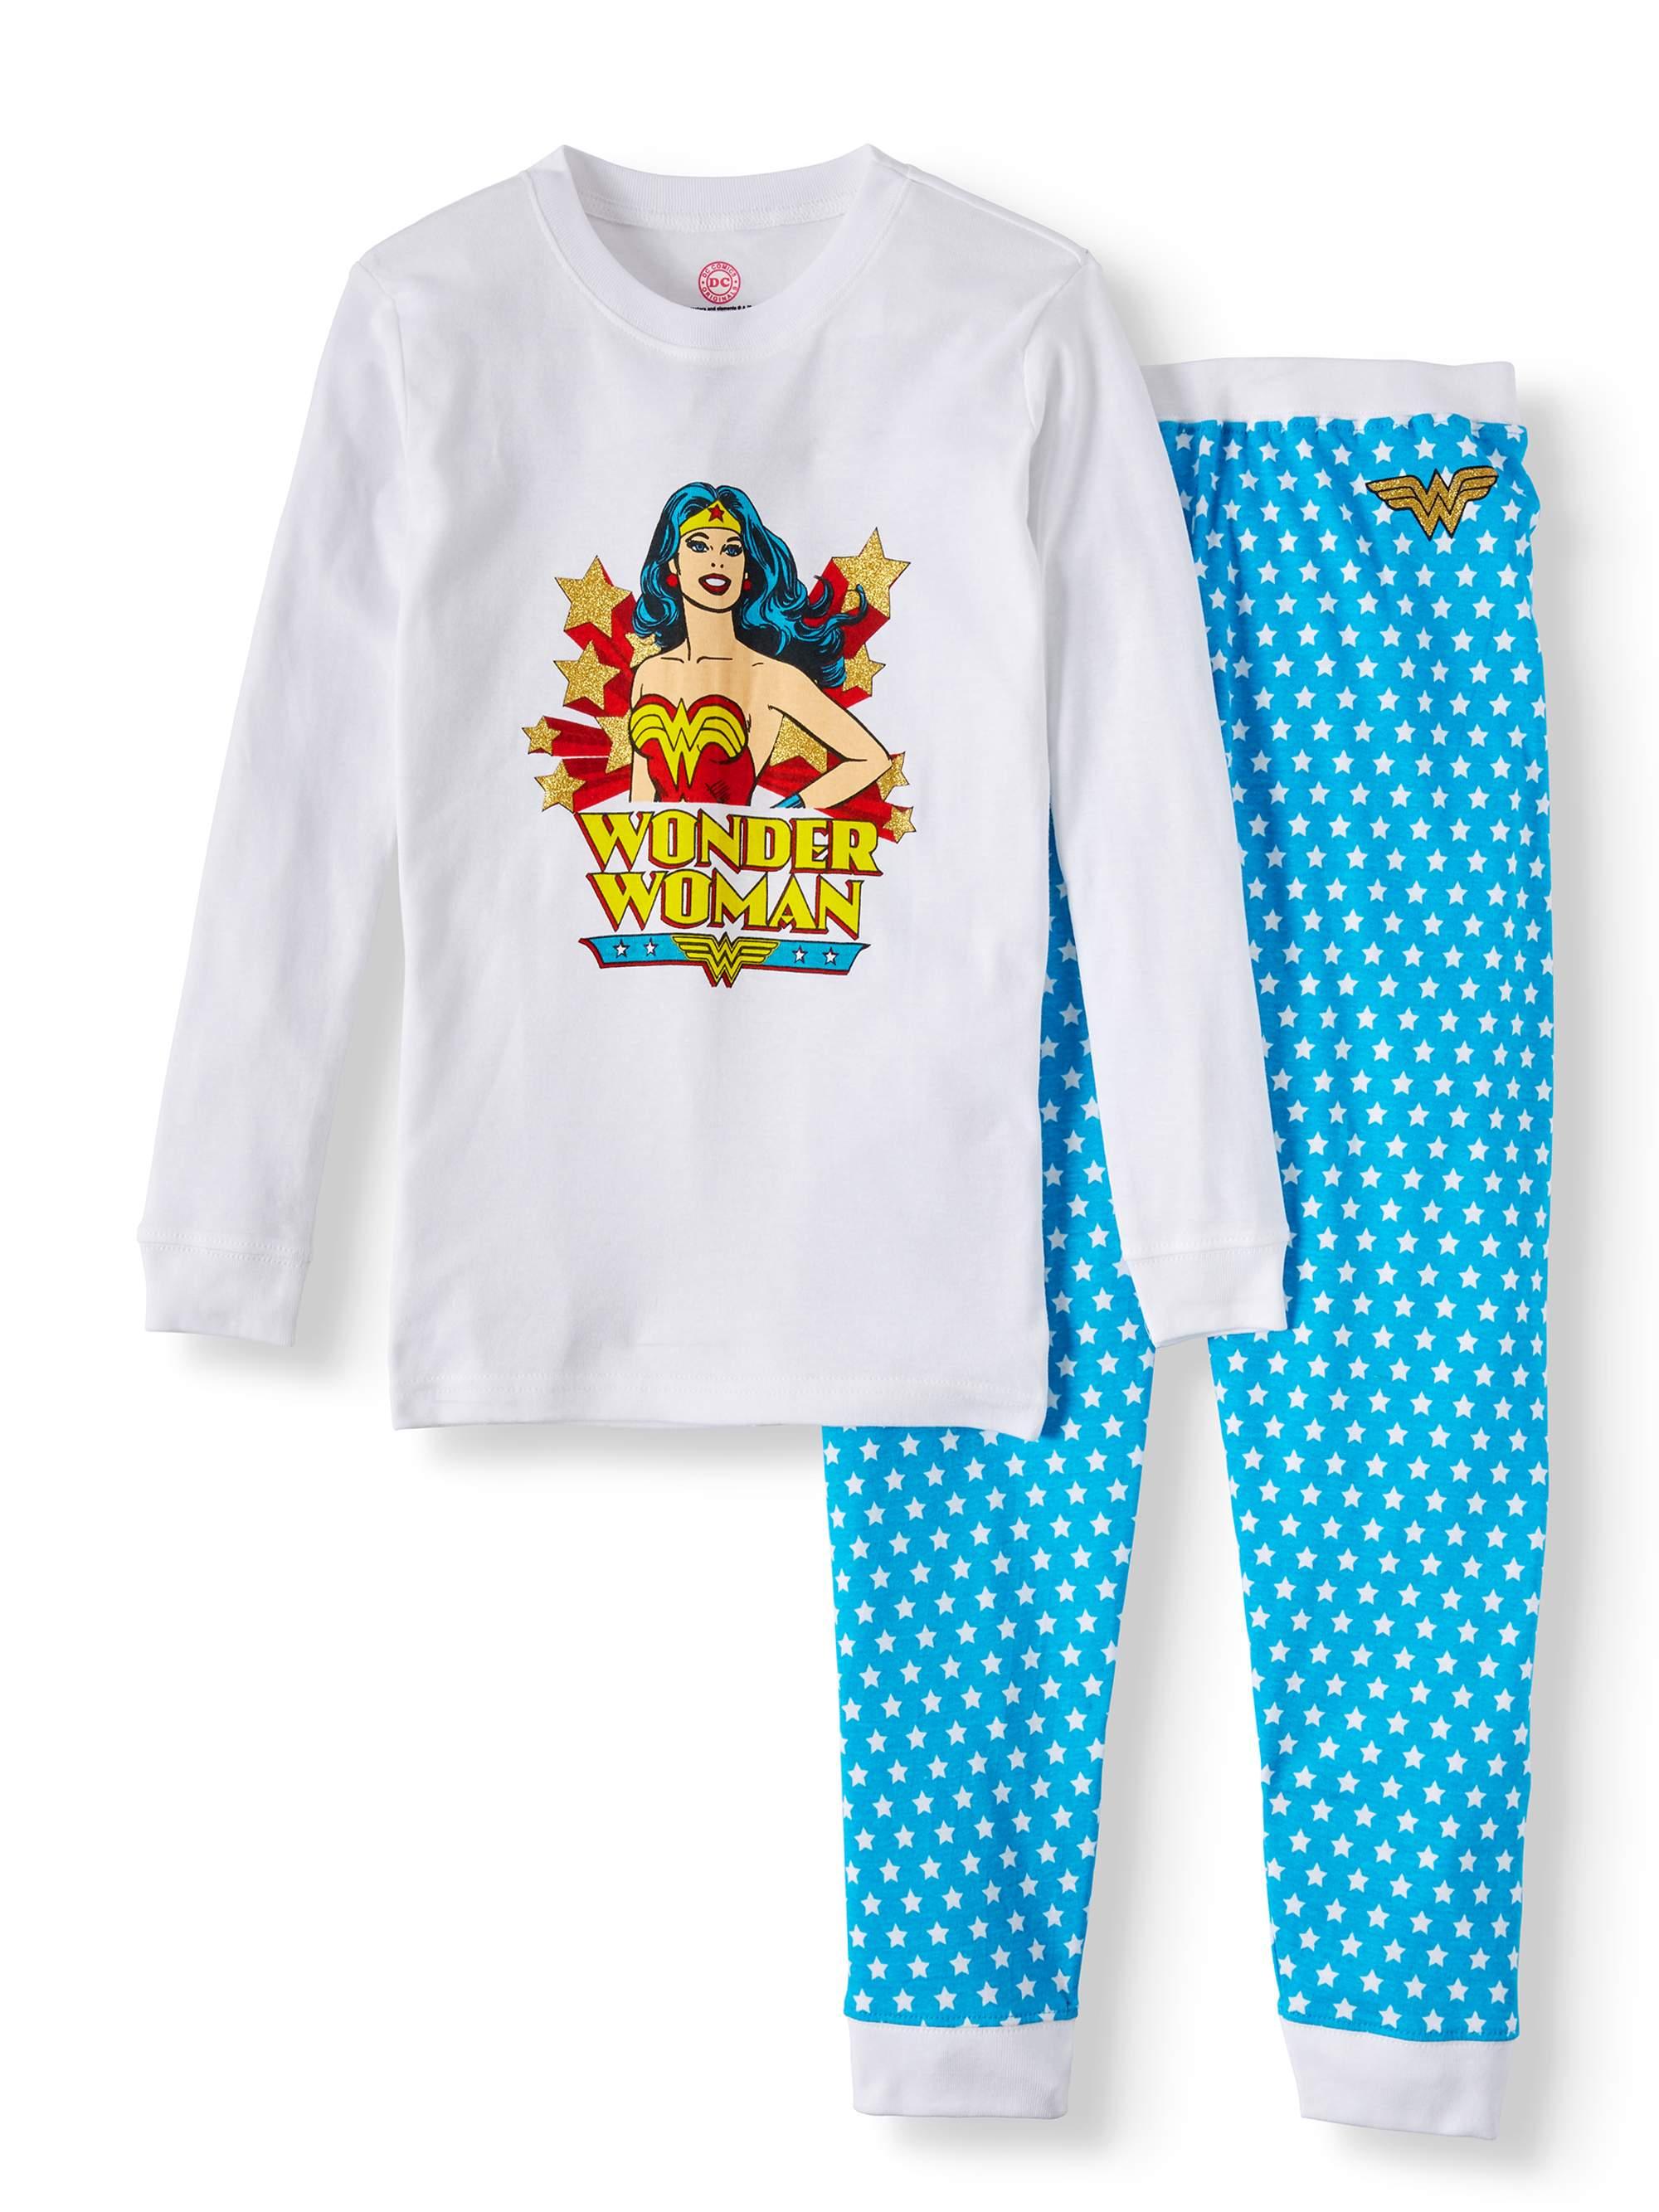 Toddler Girls' Wonder Woman Retro Pajamas 2-Piece Set